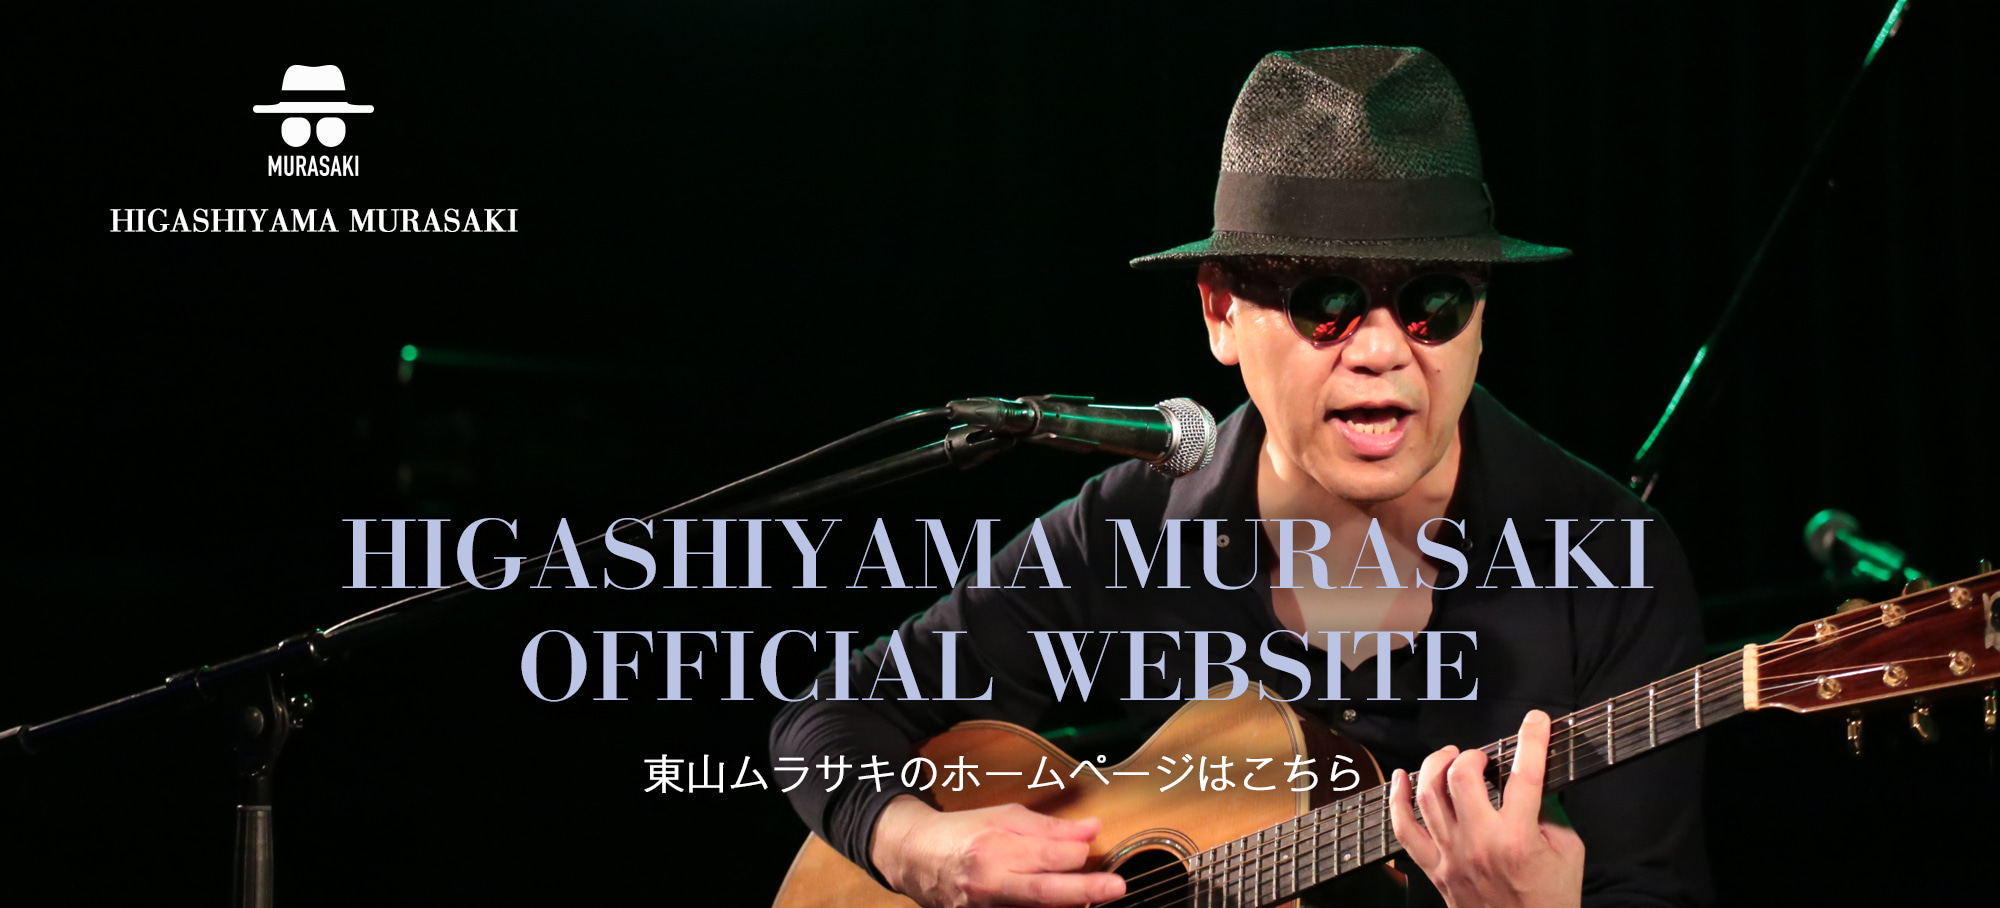 東山ムラサキのホームページ完成